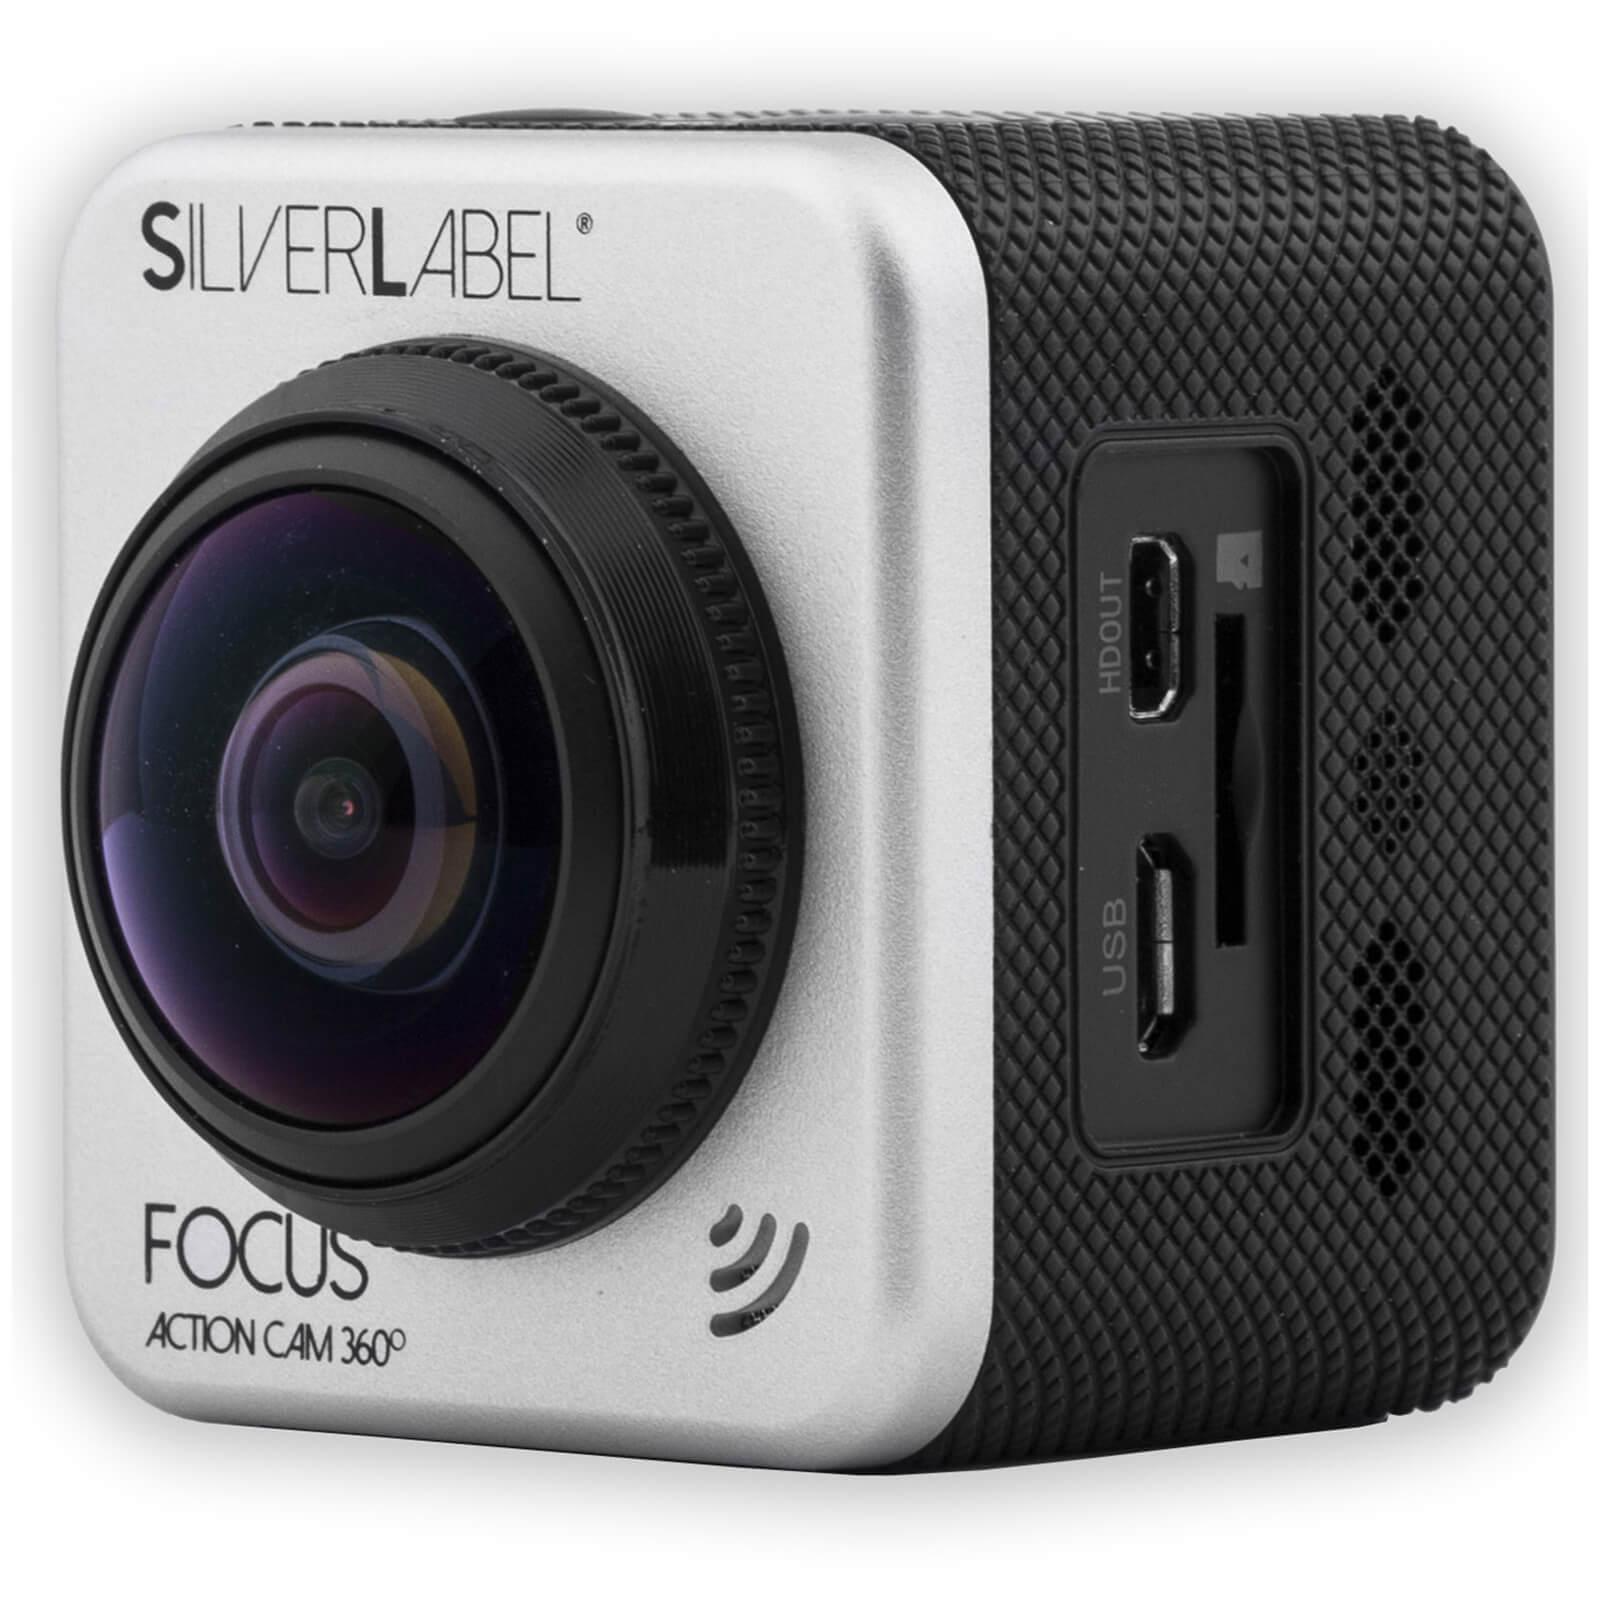 Caméra Sportive Silverlabel Focus Action Camera 360 - 1080p, + batterie supplémentaire (probikekit.co.uk)